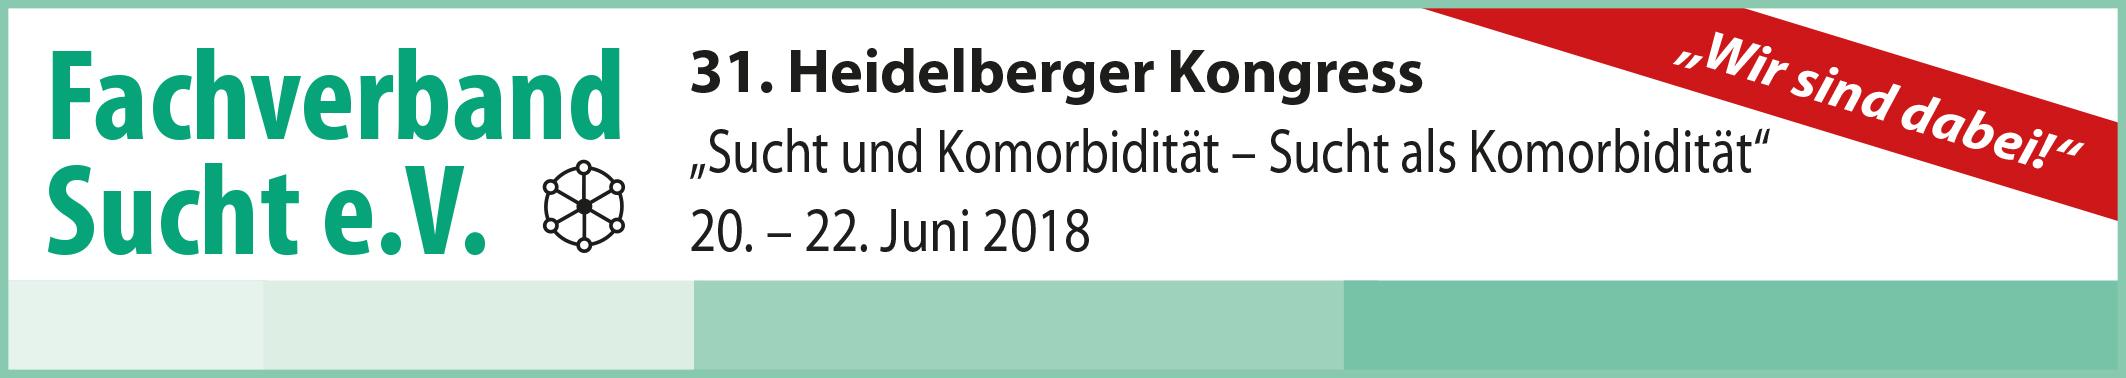 31. Heidelberger Kongress vom 20.-22. Juni 2018